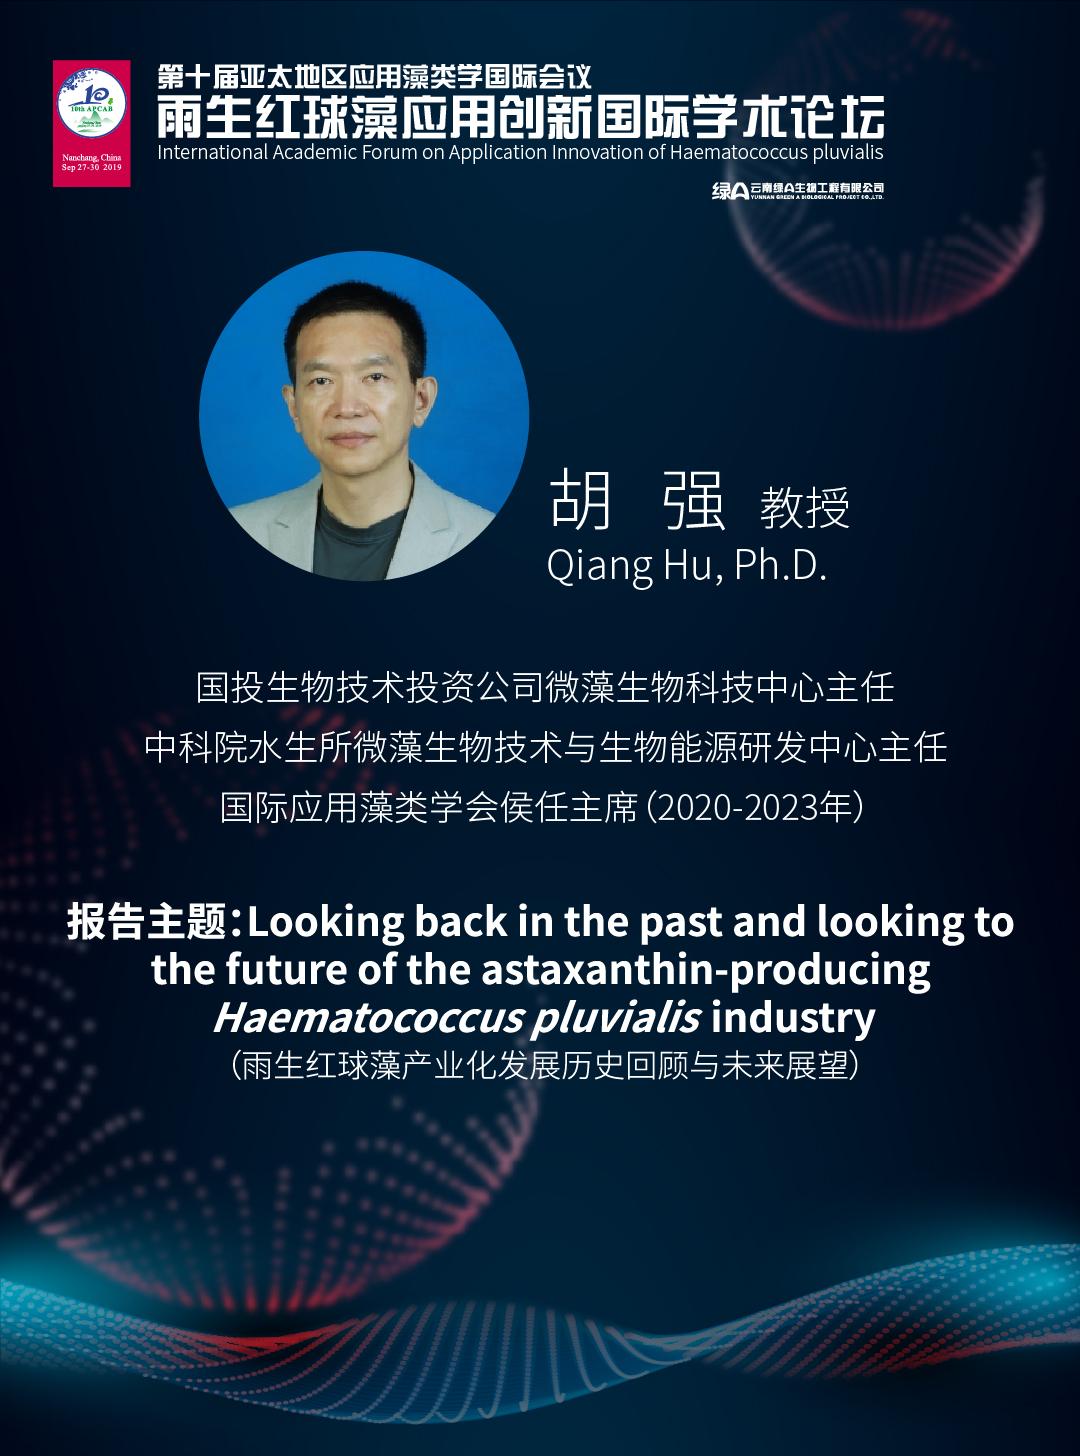 胡强 博士 国投生物技术投资公司微藻生物技术科技中心主任